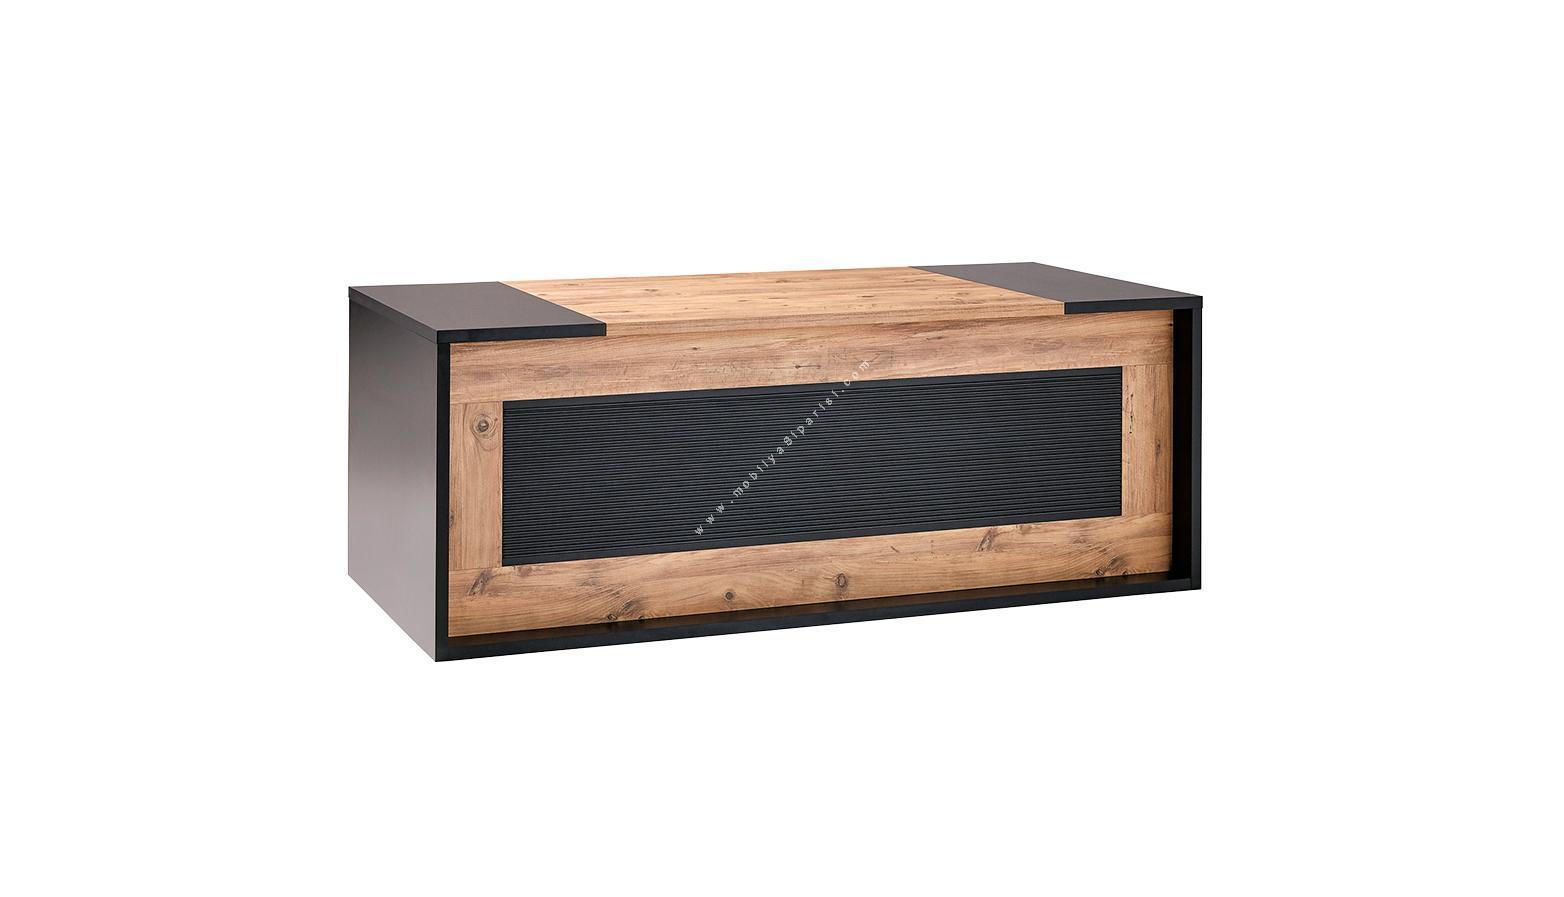 hublot yönetici çalışma masası 180cm